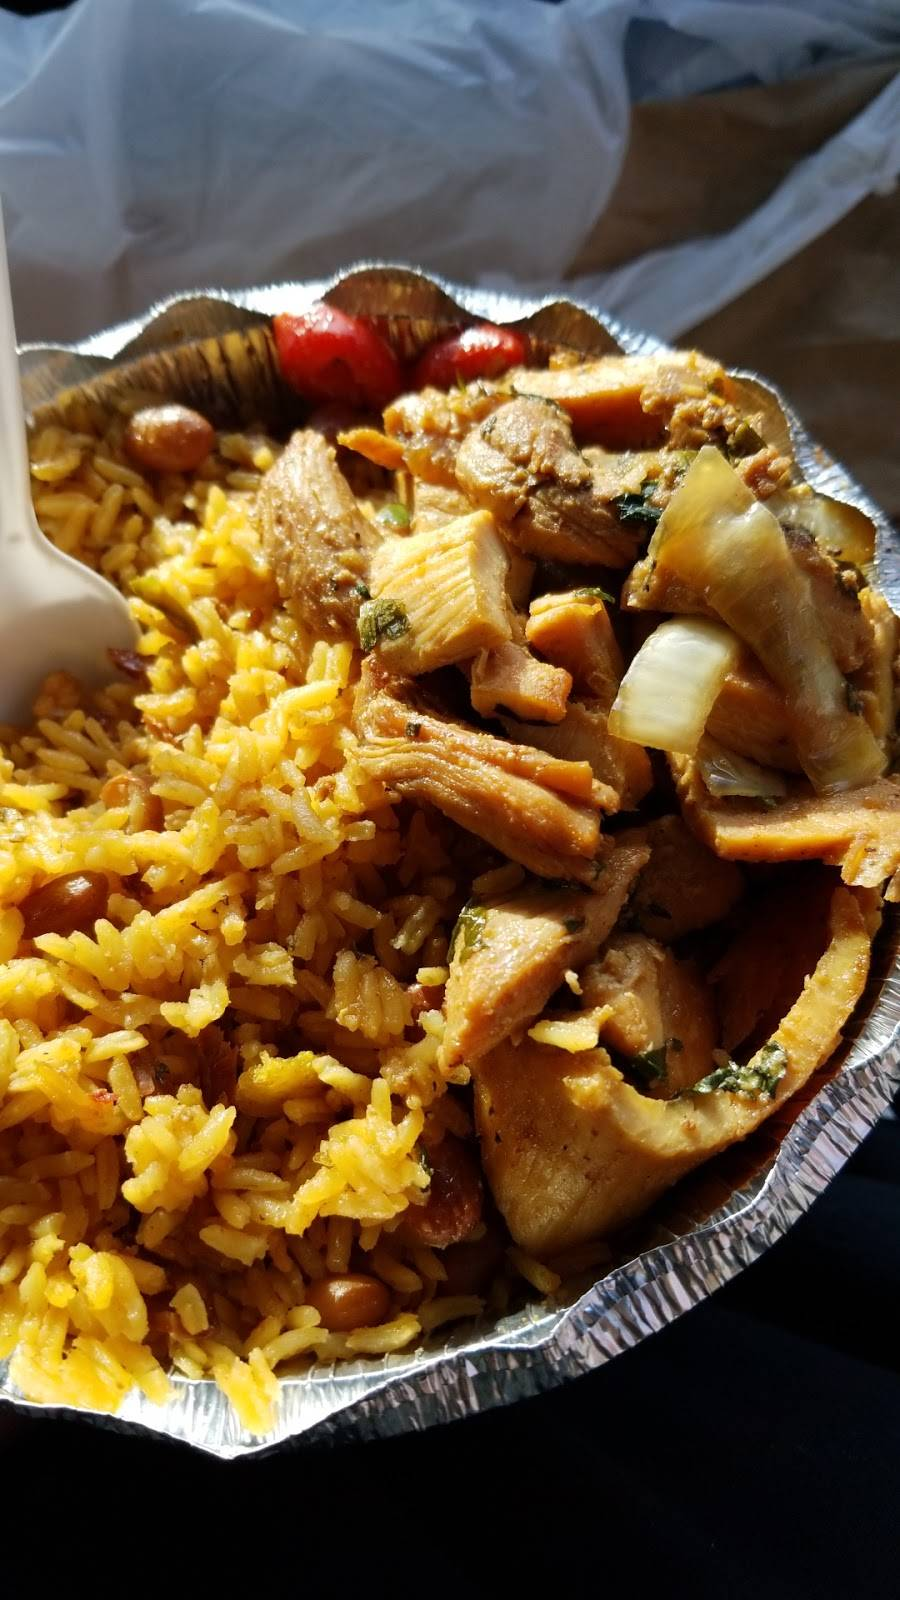 La Lechonera | restaurant | 747 New Lots Ave, Brooklyn, NY 11207, USA | 7182726038 OR +1 718-272-6038